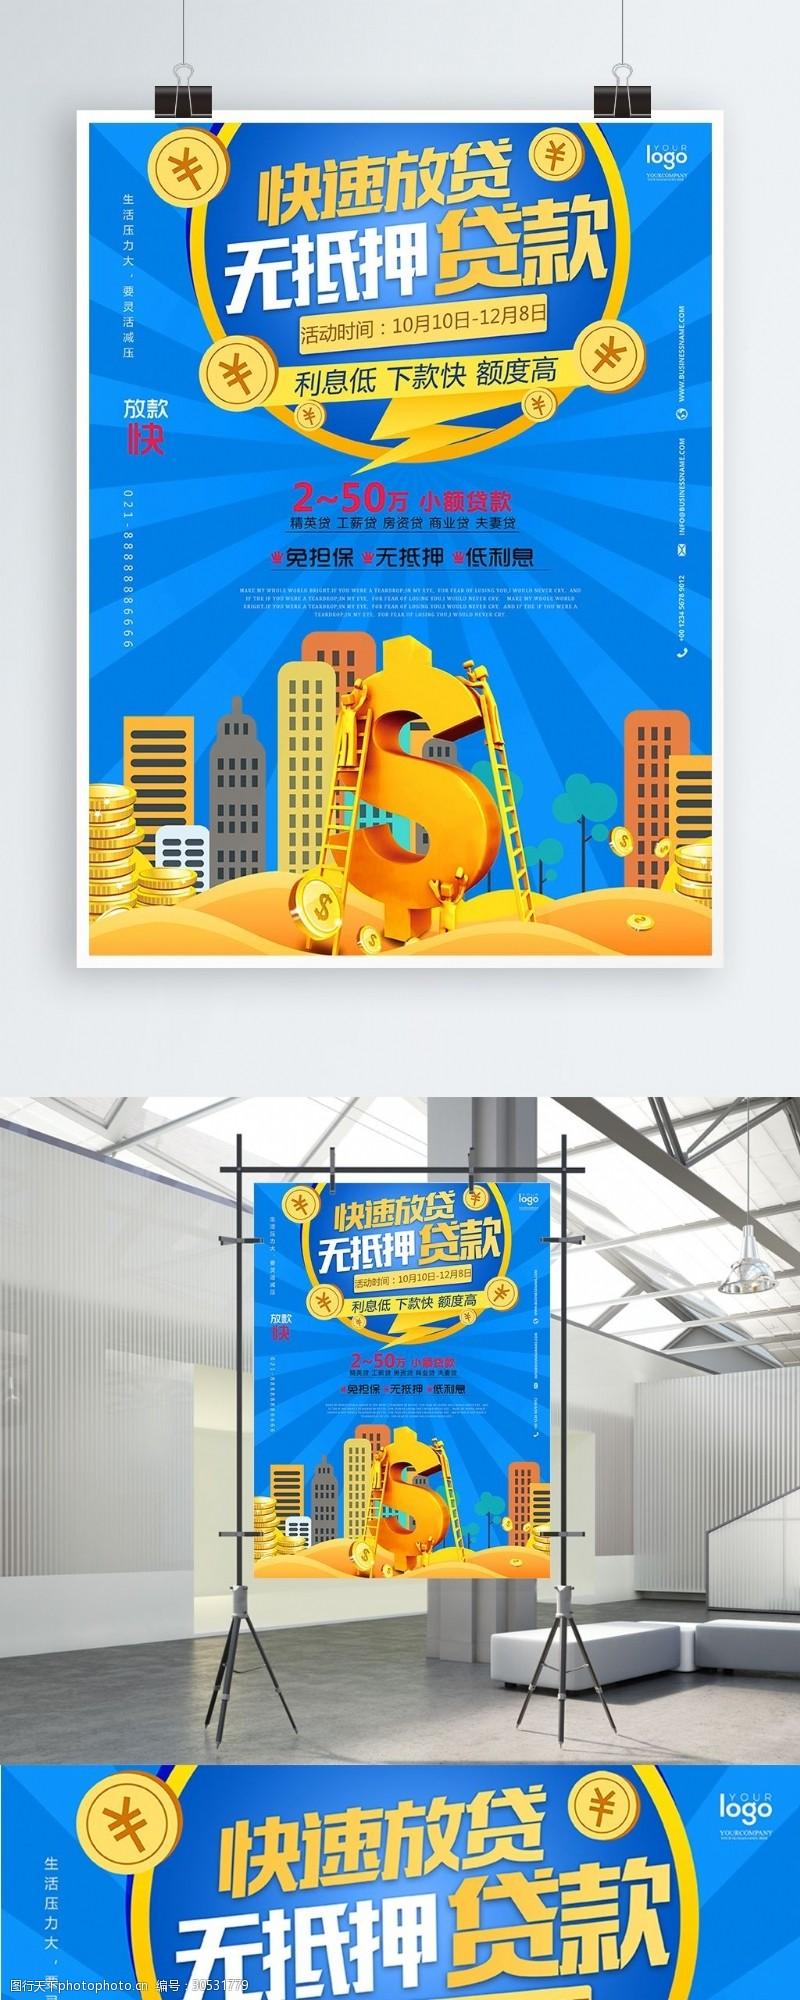 卡通梯子创意蓝金色卡通风格无抵押信用贷款海报设计